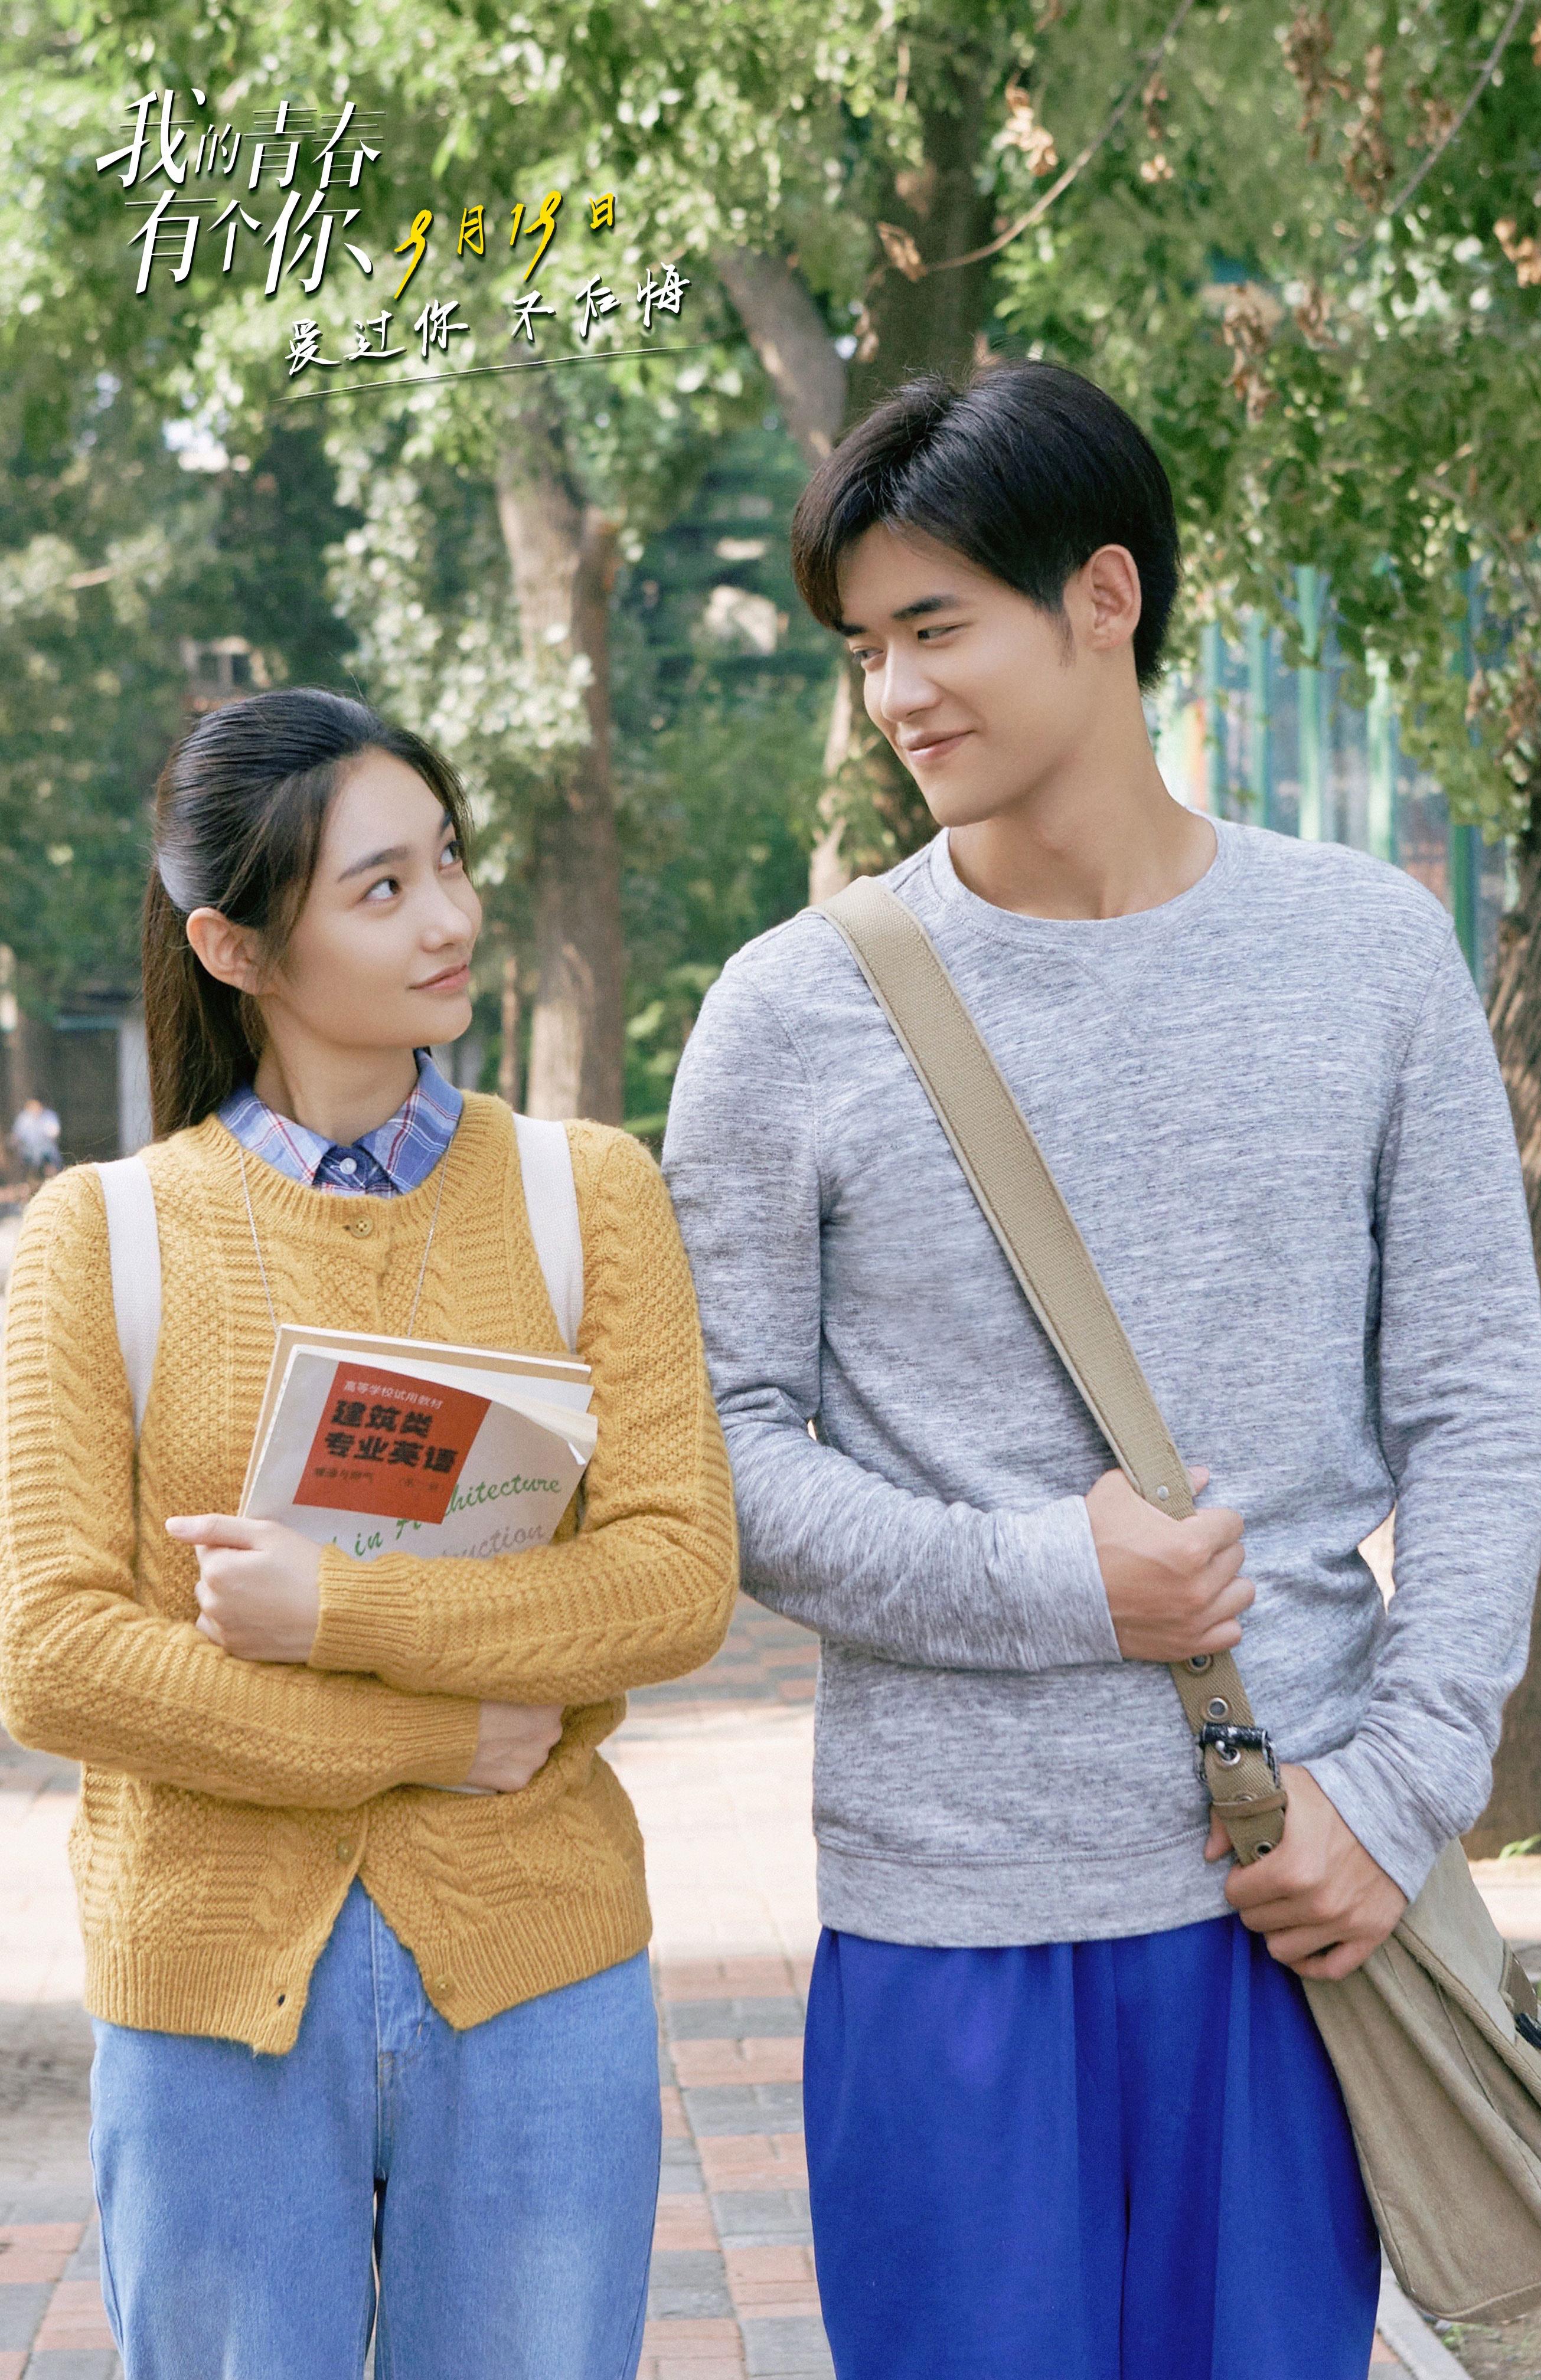 《我的青春有个你》9.19上映 片尾曲《少年》上线